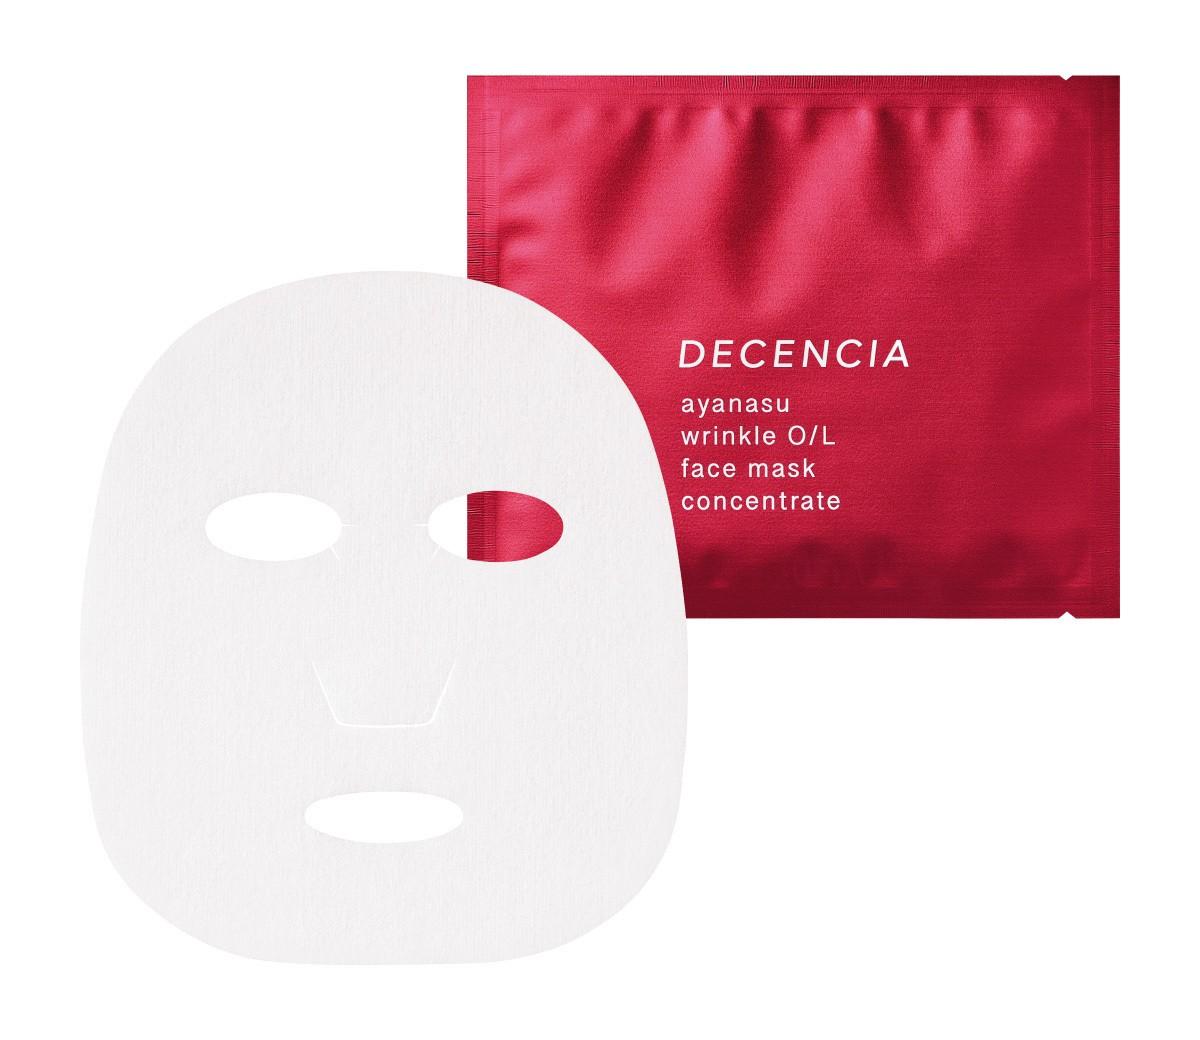 ディセンシアのフェイスマスクで、シワぐせに、週1回、5分(※1)の速攻集中ケア_4